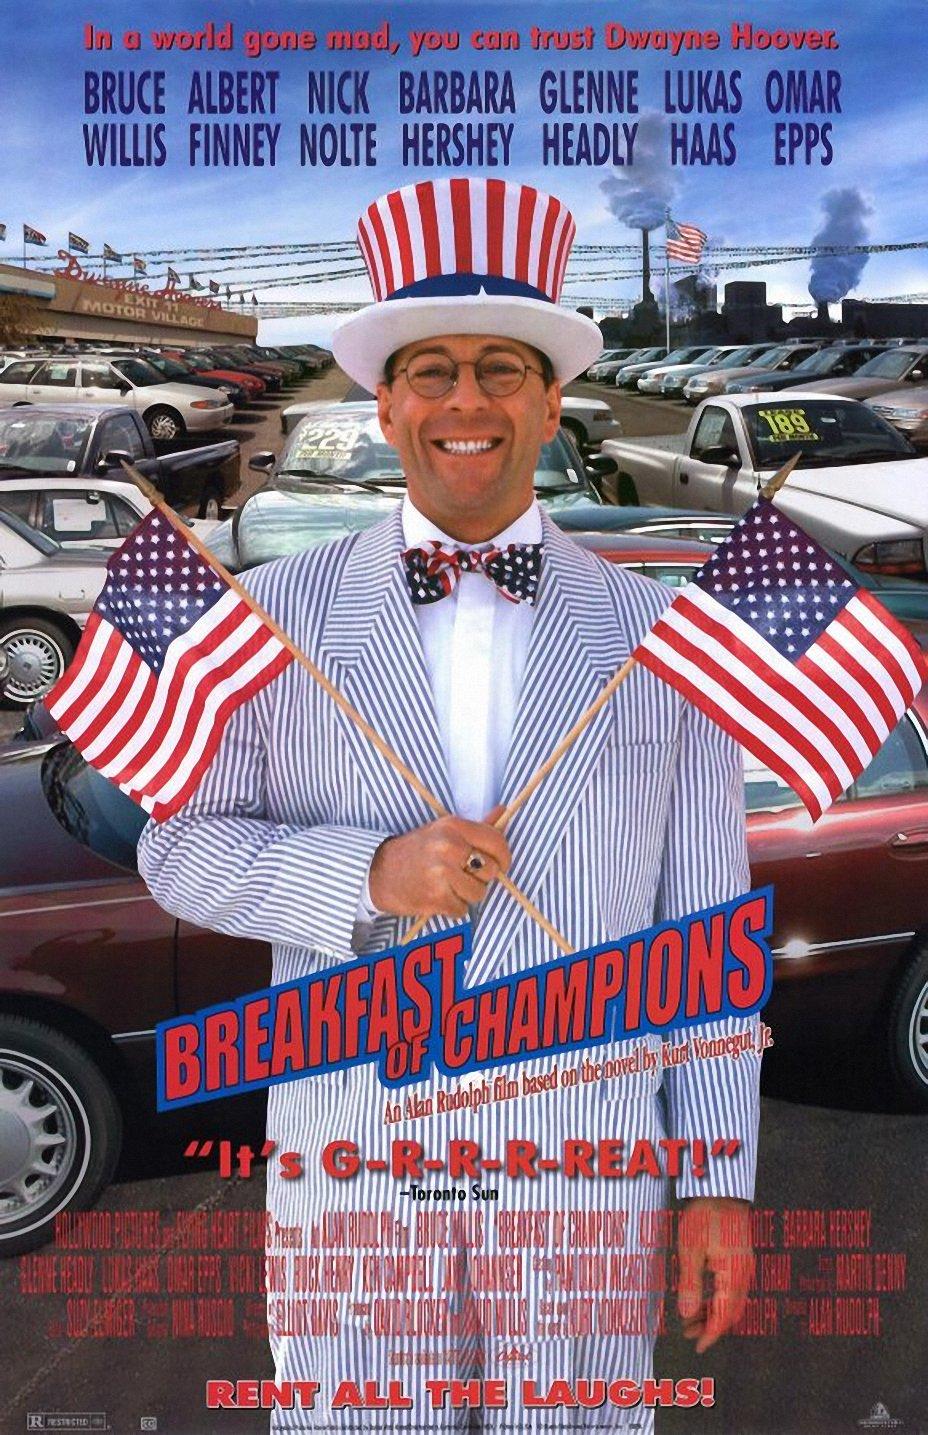 1999 Breakfast of champions - Desayuno de campeones (ing) 01